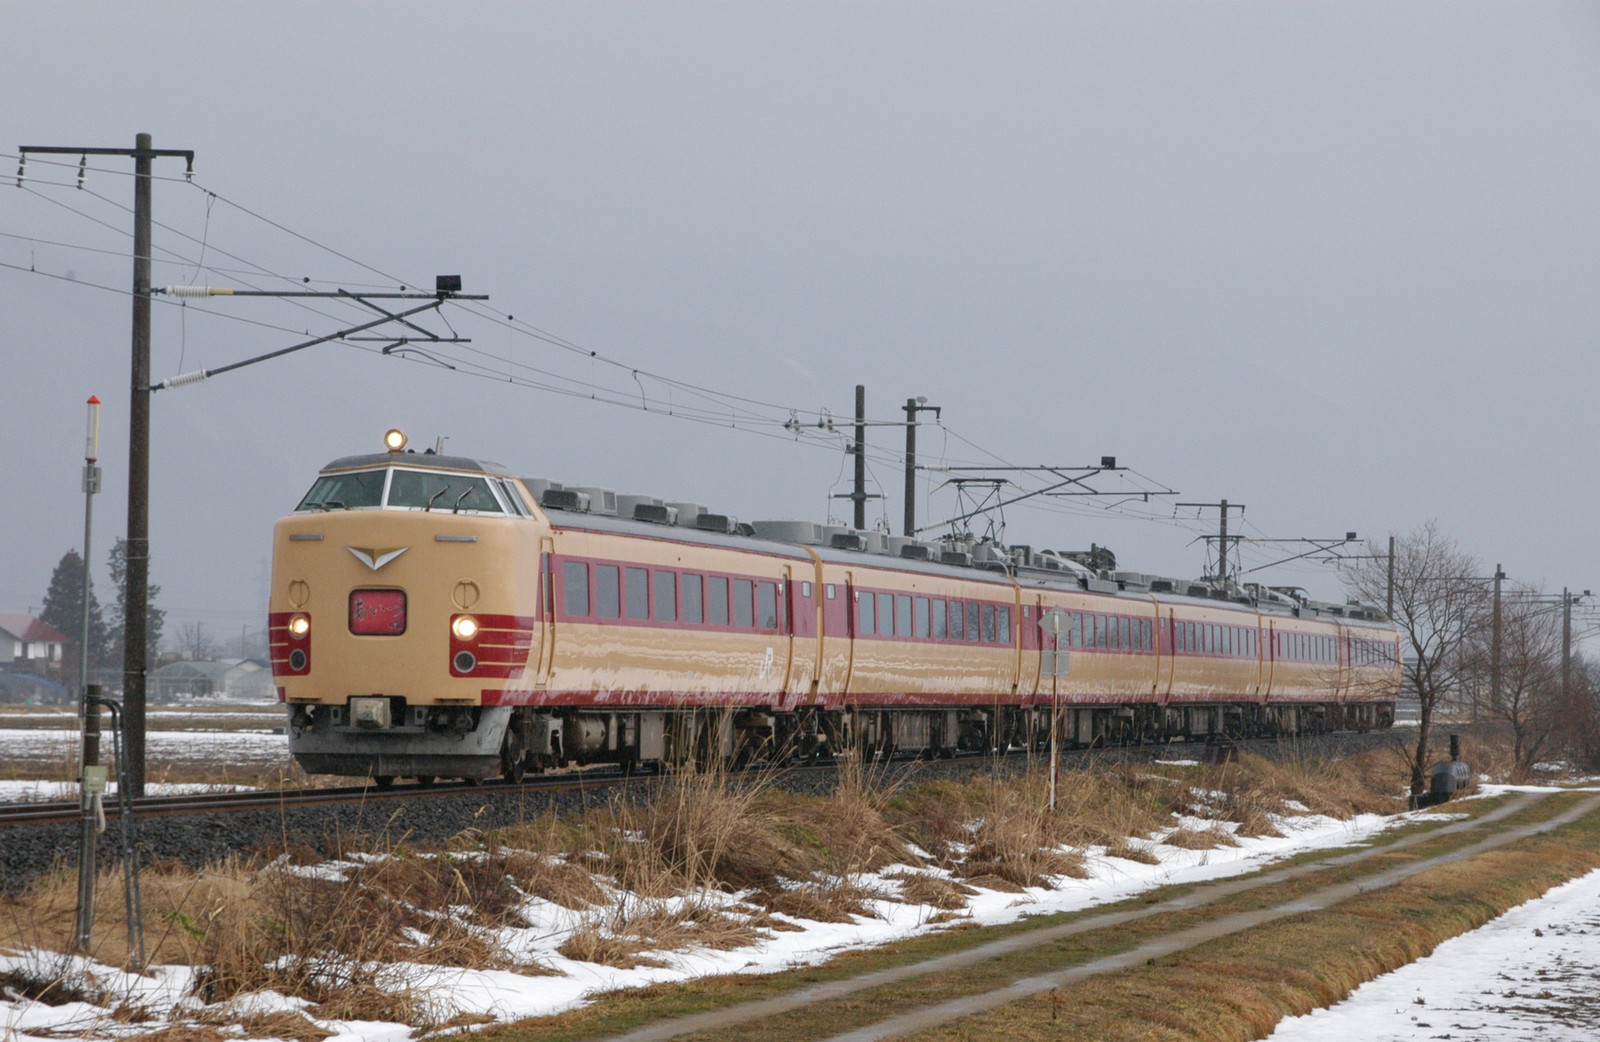 Dsc_5885